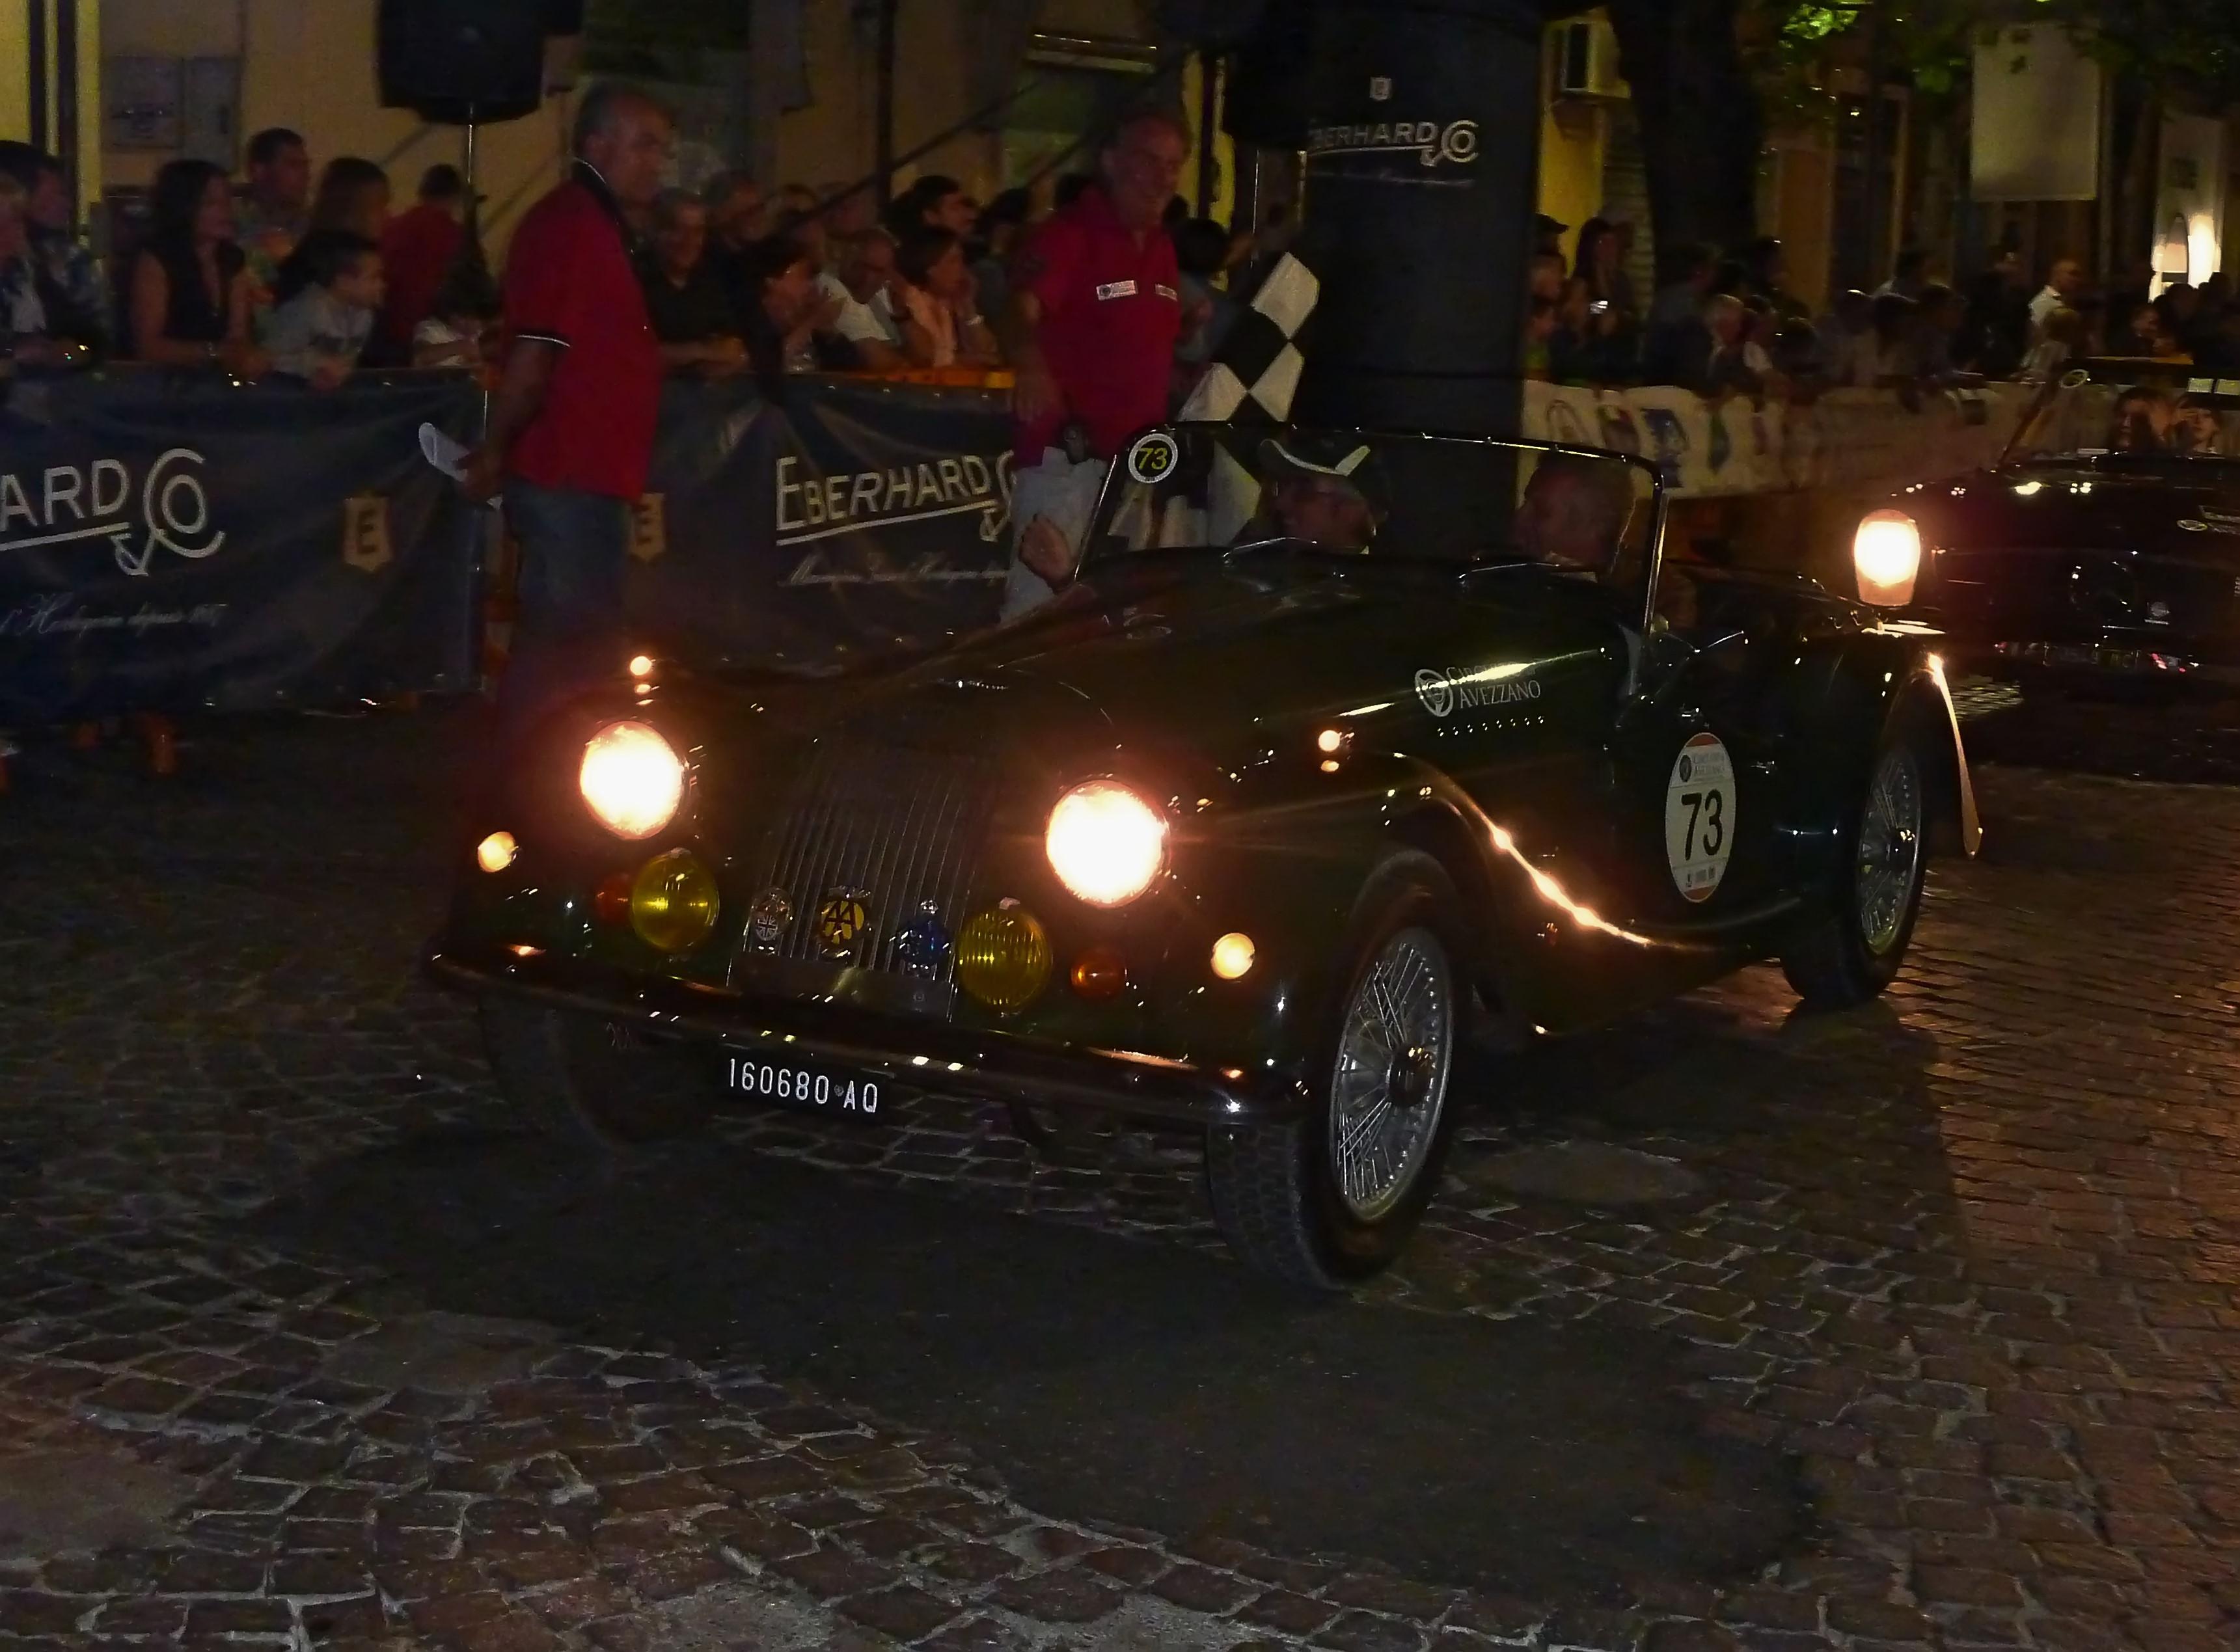 4th Circuito Di Avezzano (350)